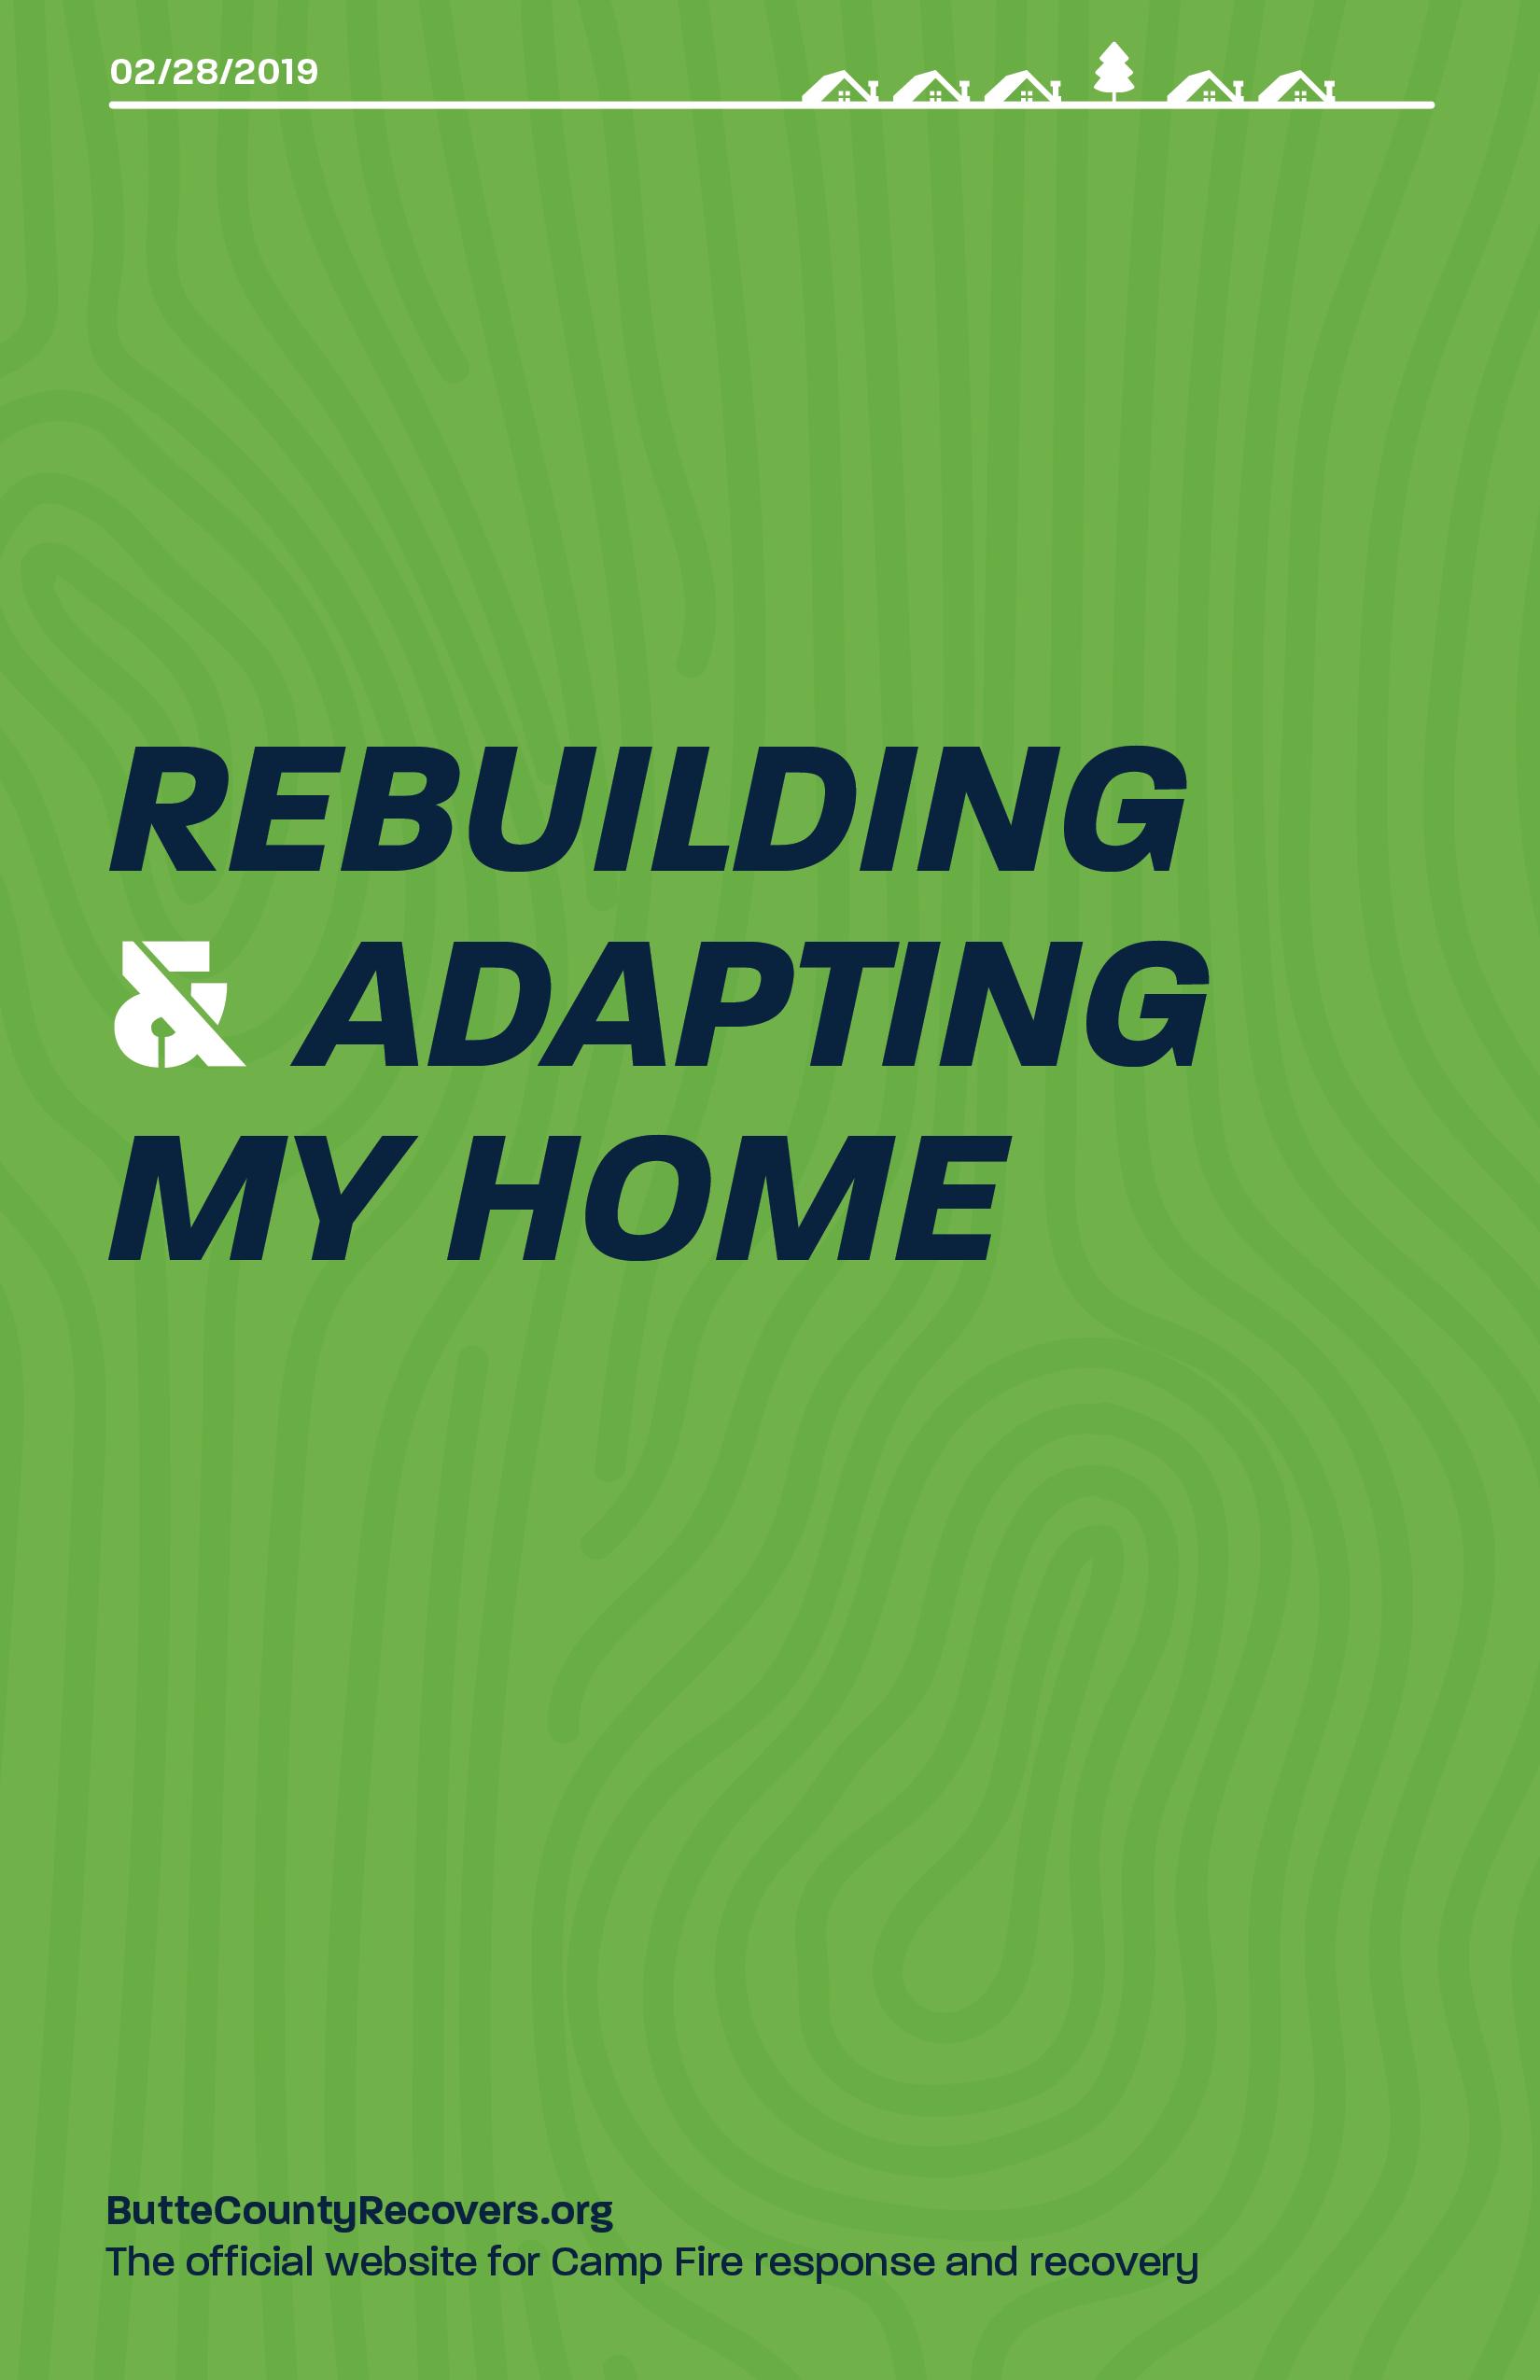 RebuildingAdaptingCover.jpg